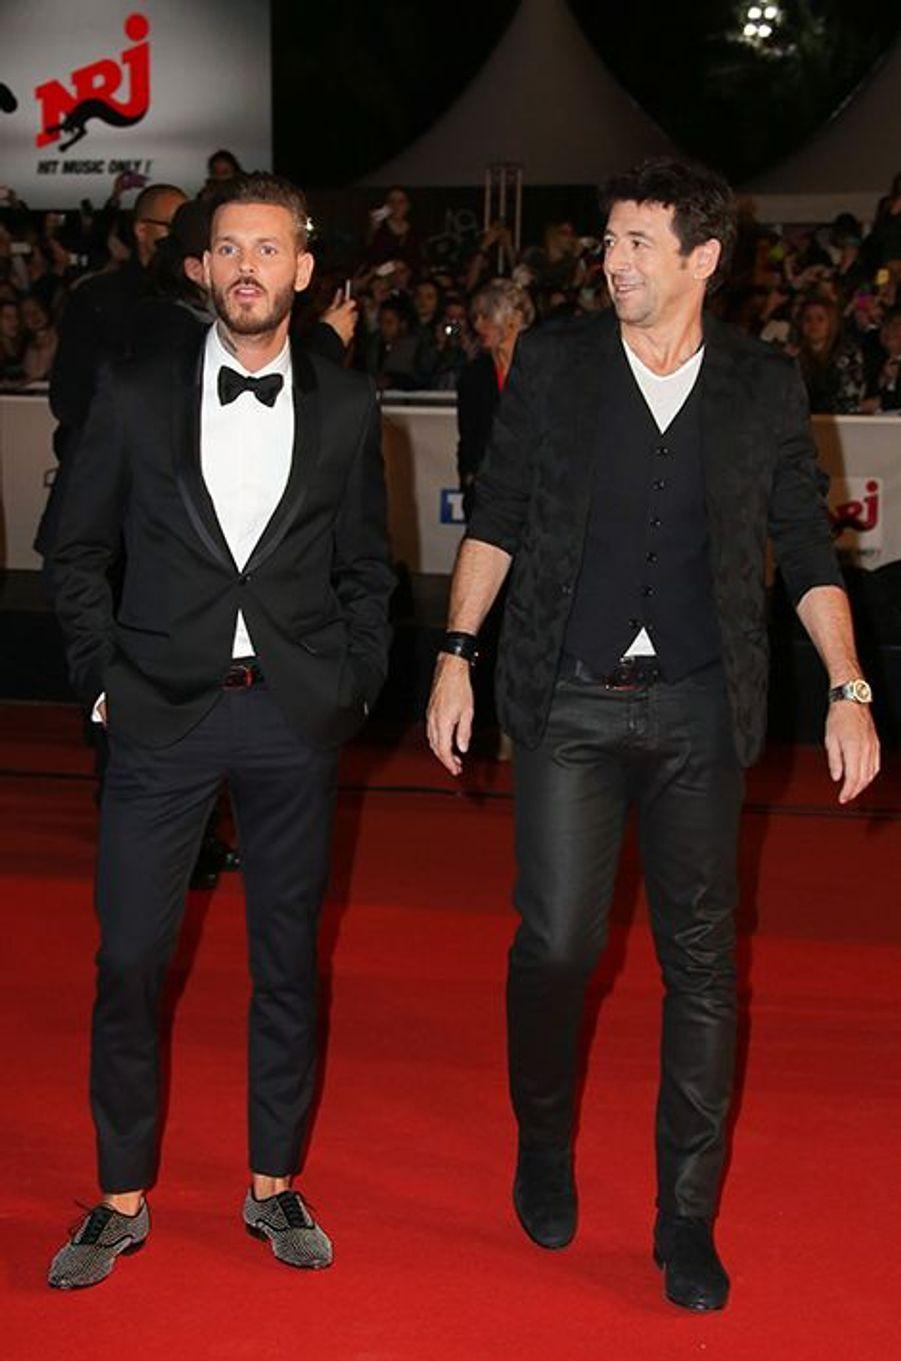 M. Pokora et Patrick Bruel à Cannes le 13 décembre 2014